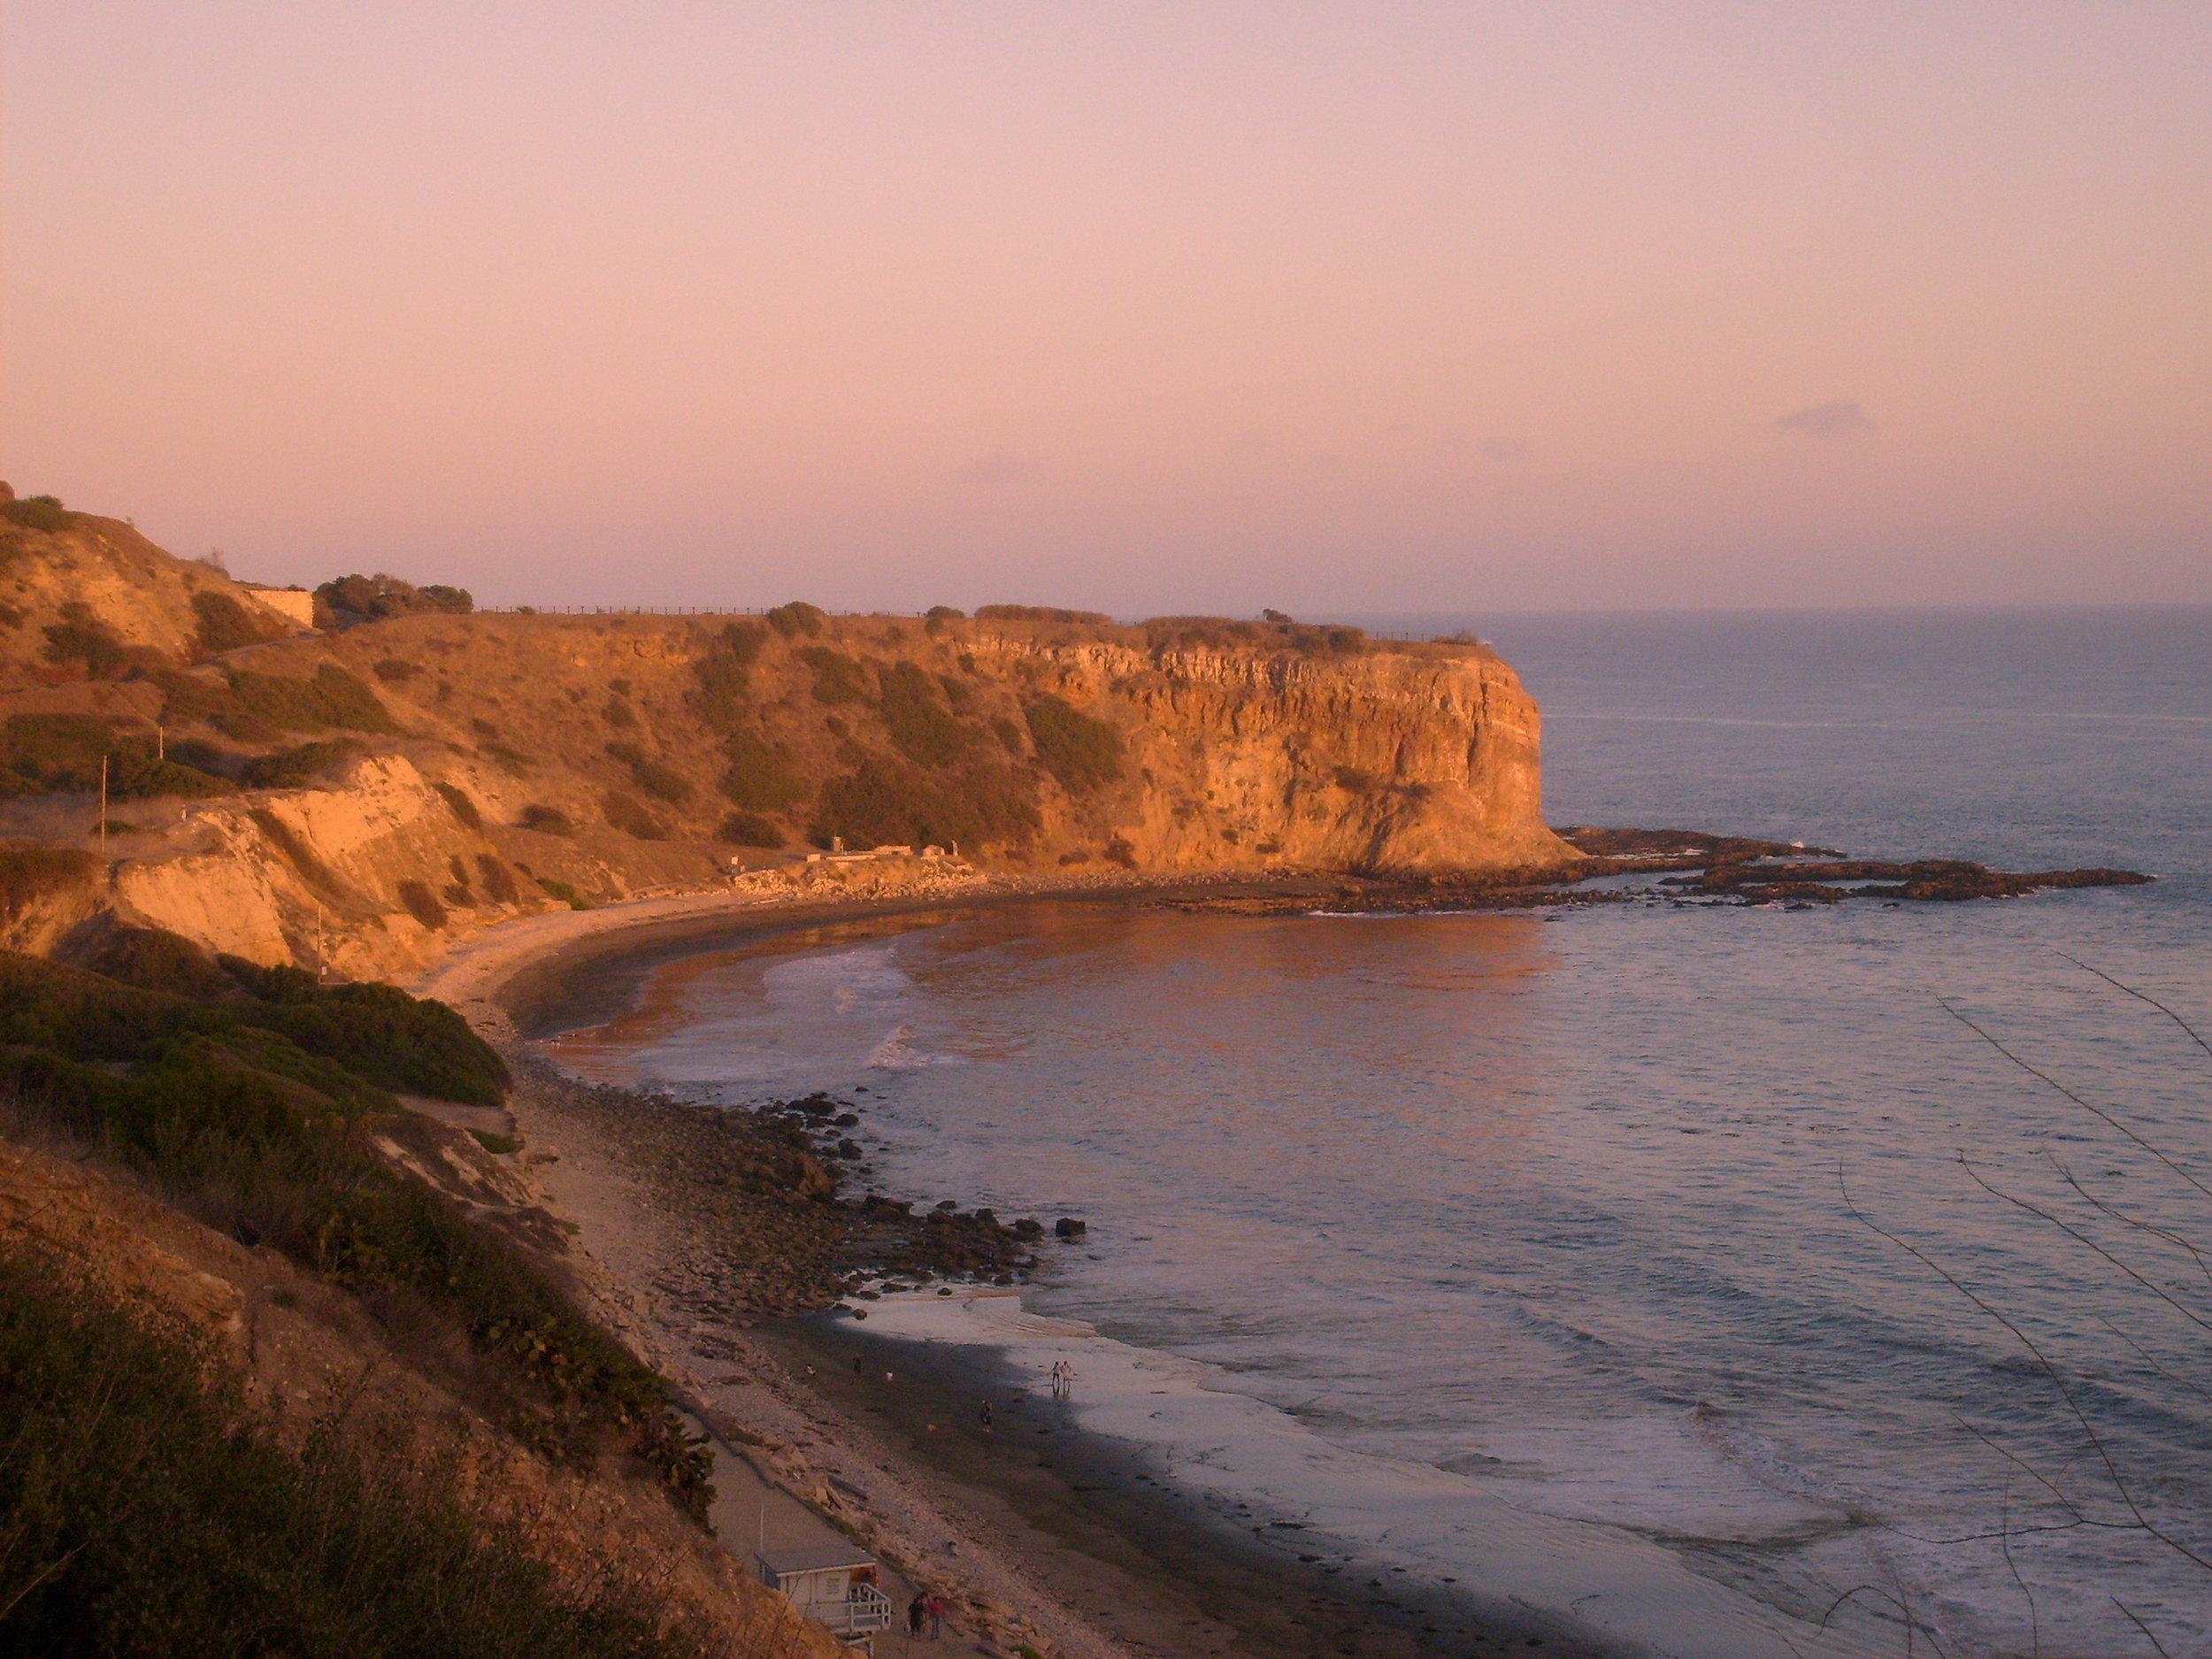 Portuguese_Bend_in_California.jpg